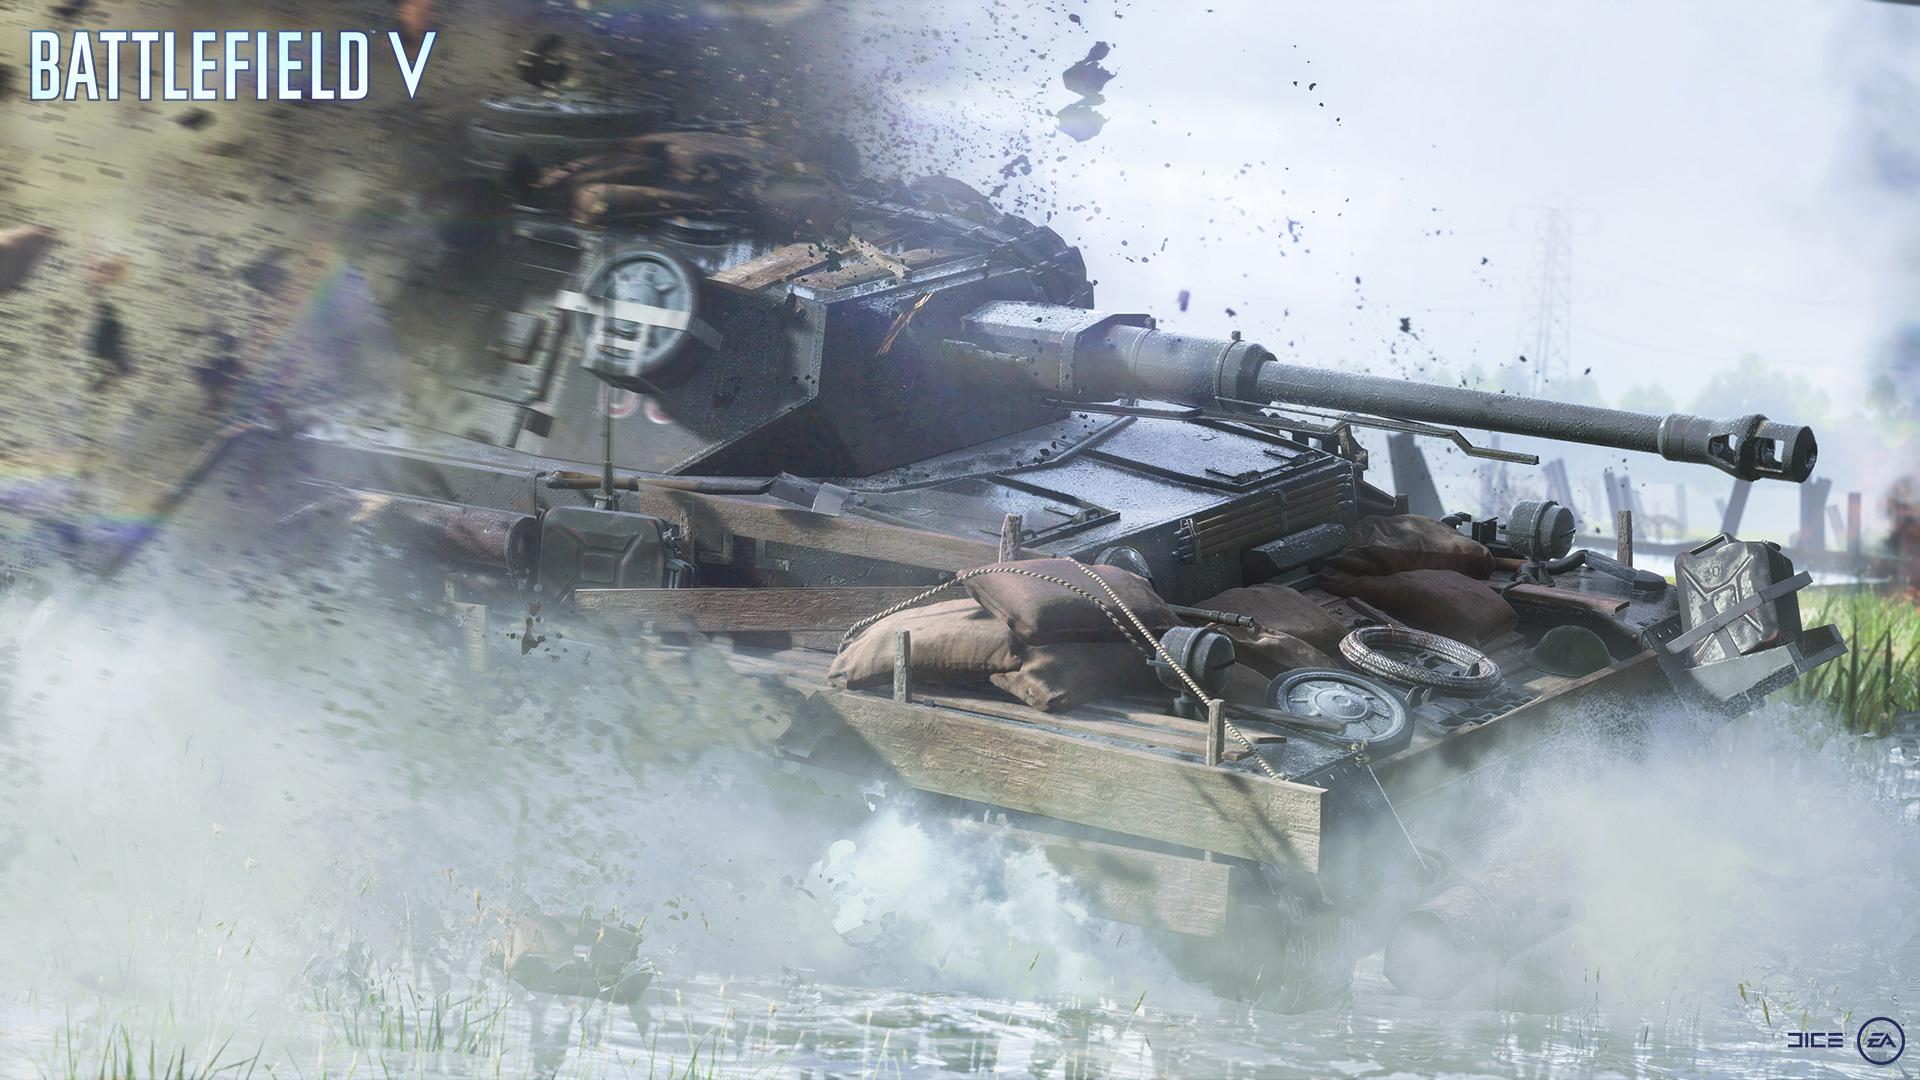 http://www.idgtv.es/archivos/201805/battlefield-v-img6.jpg